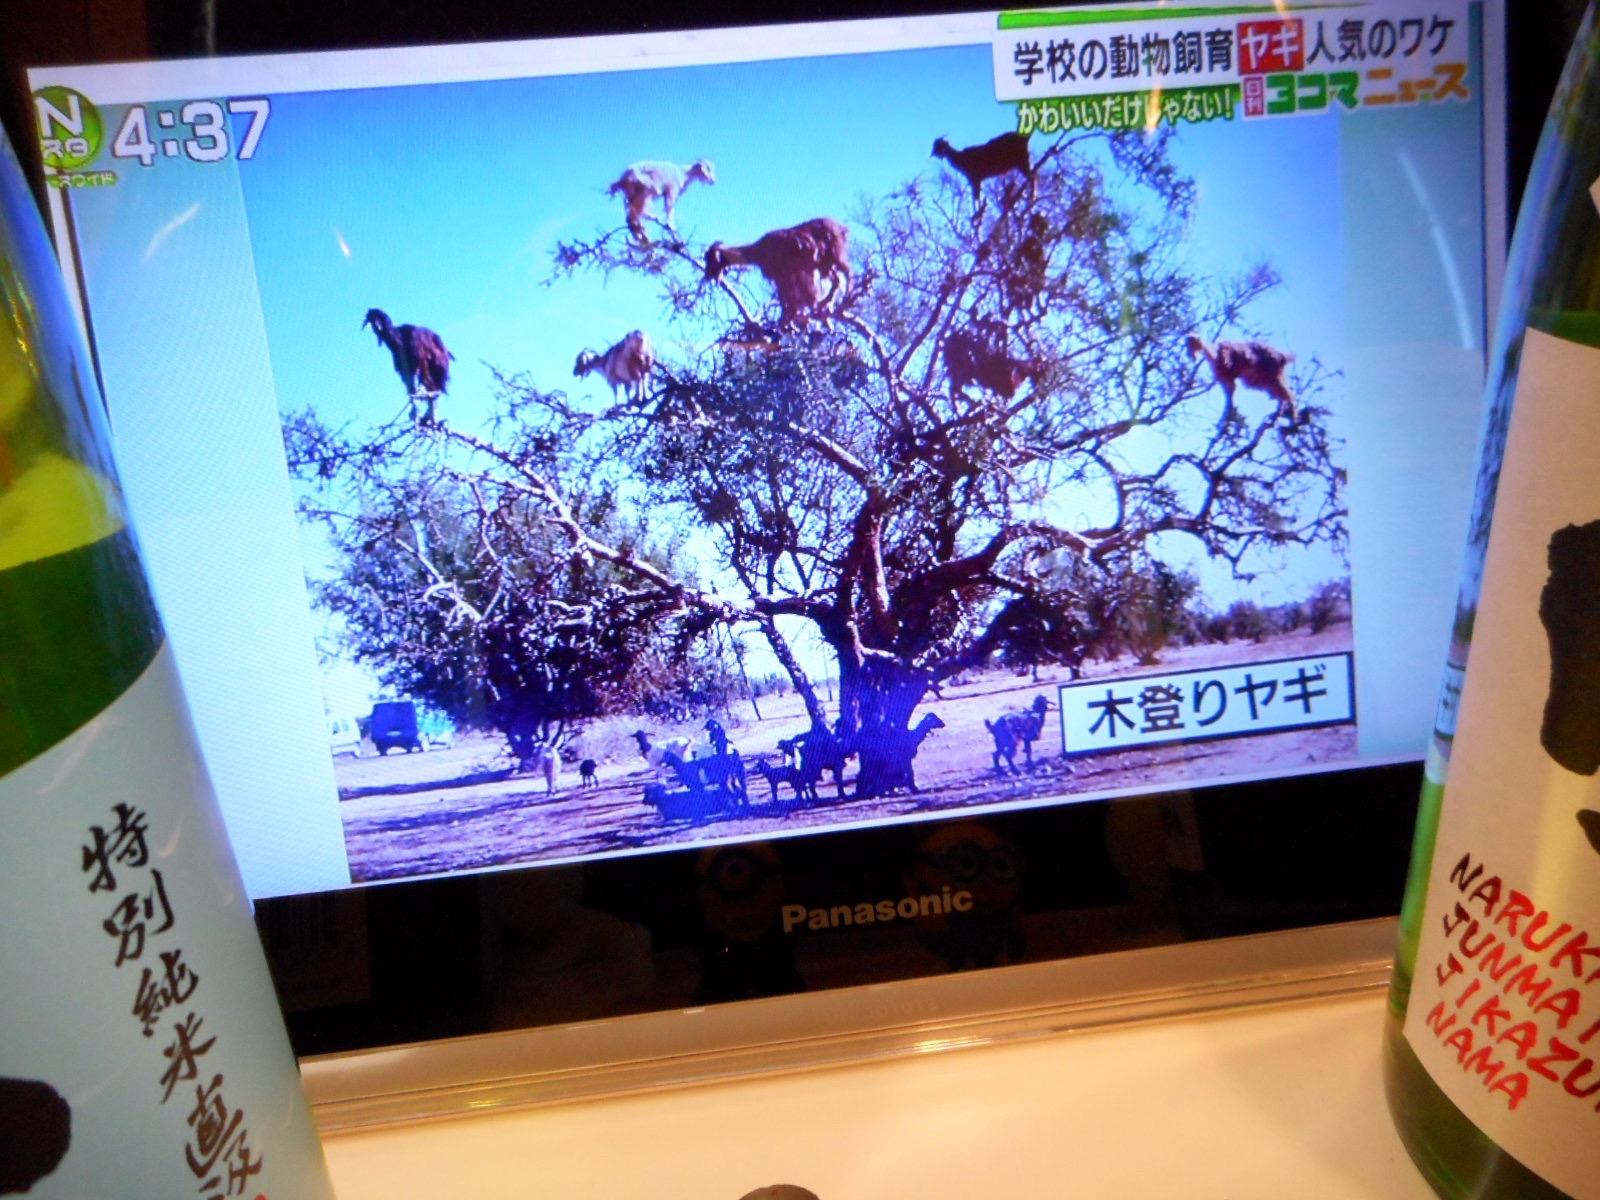 rokumaru_taka_naruka_harukasumi2.jpg